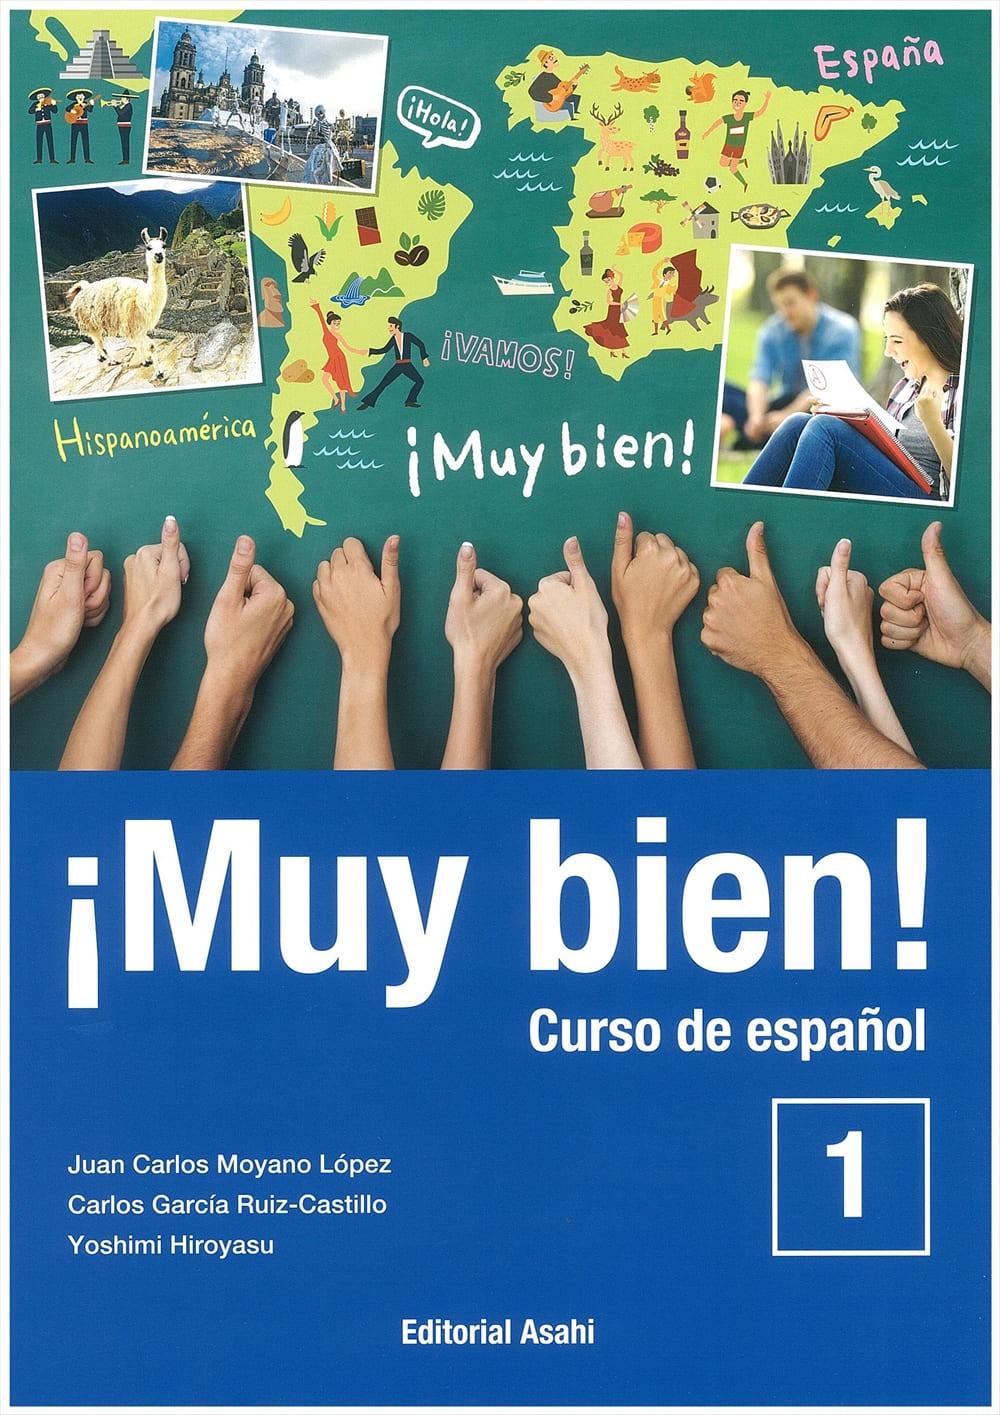 スペイン語教材の効果ランキング5選はコレ ...